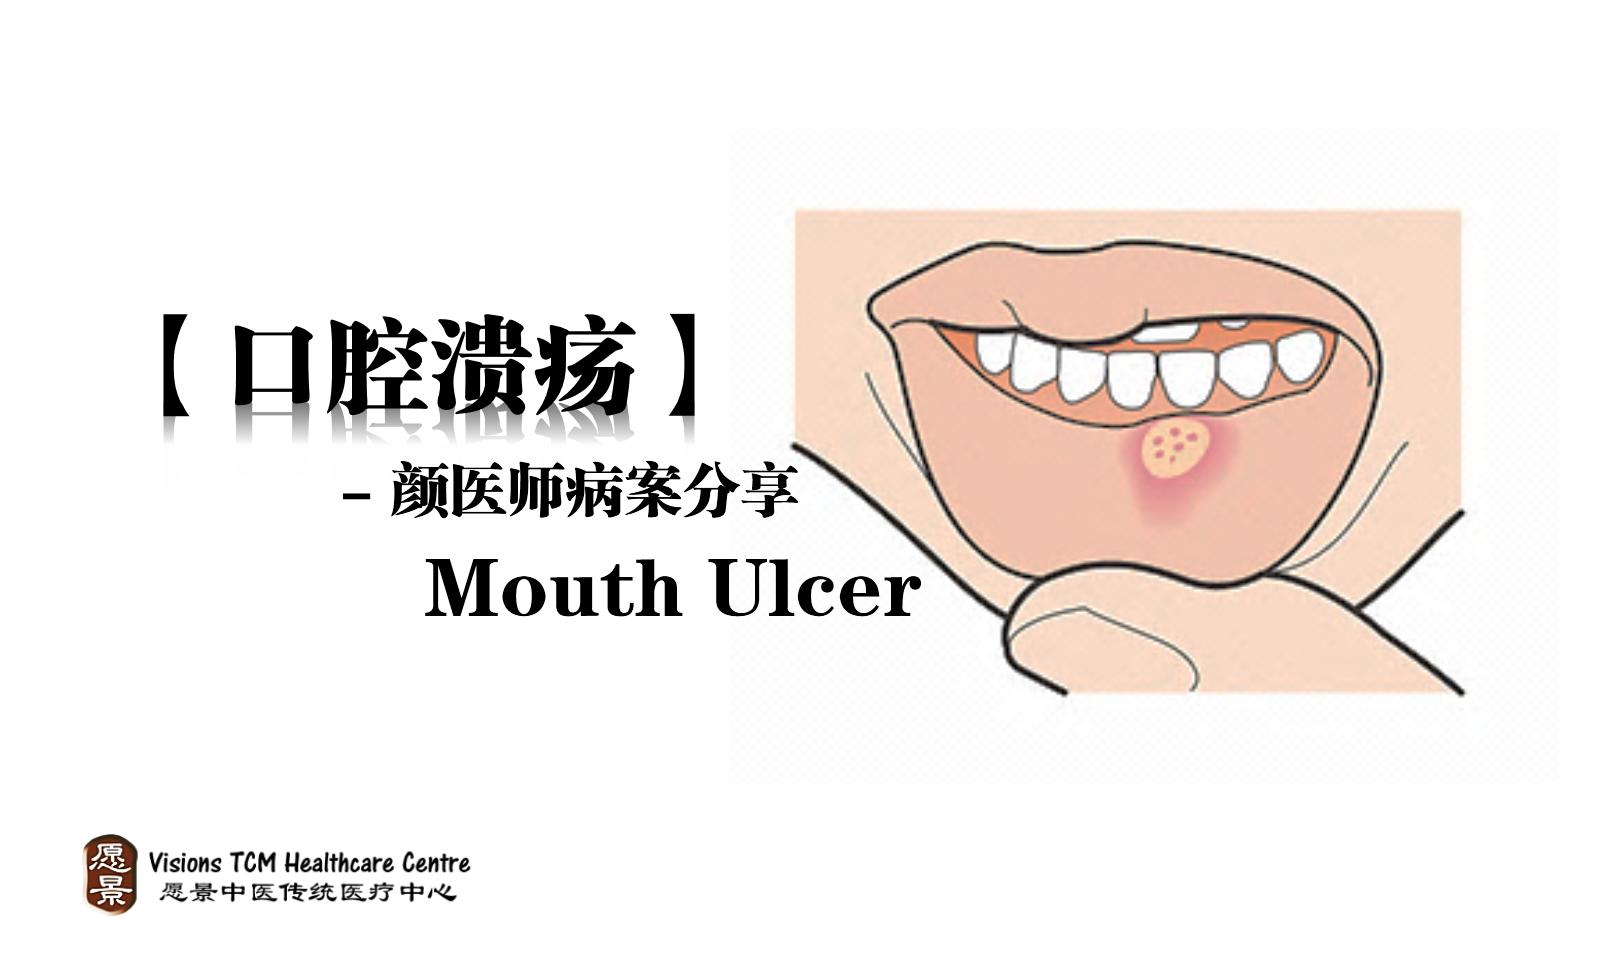 口腔溃疡 – 病案分享 – 颜医师